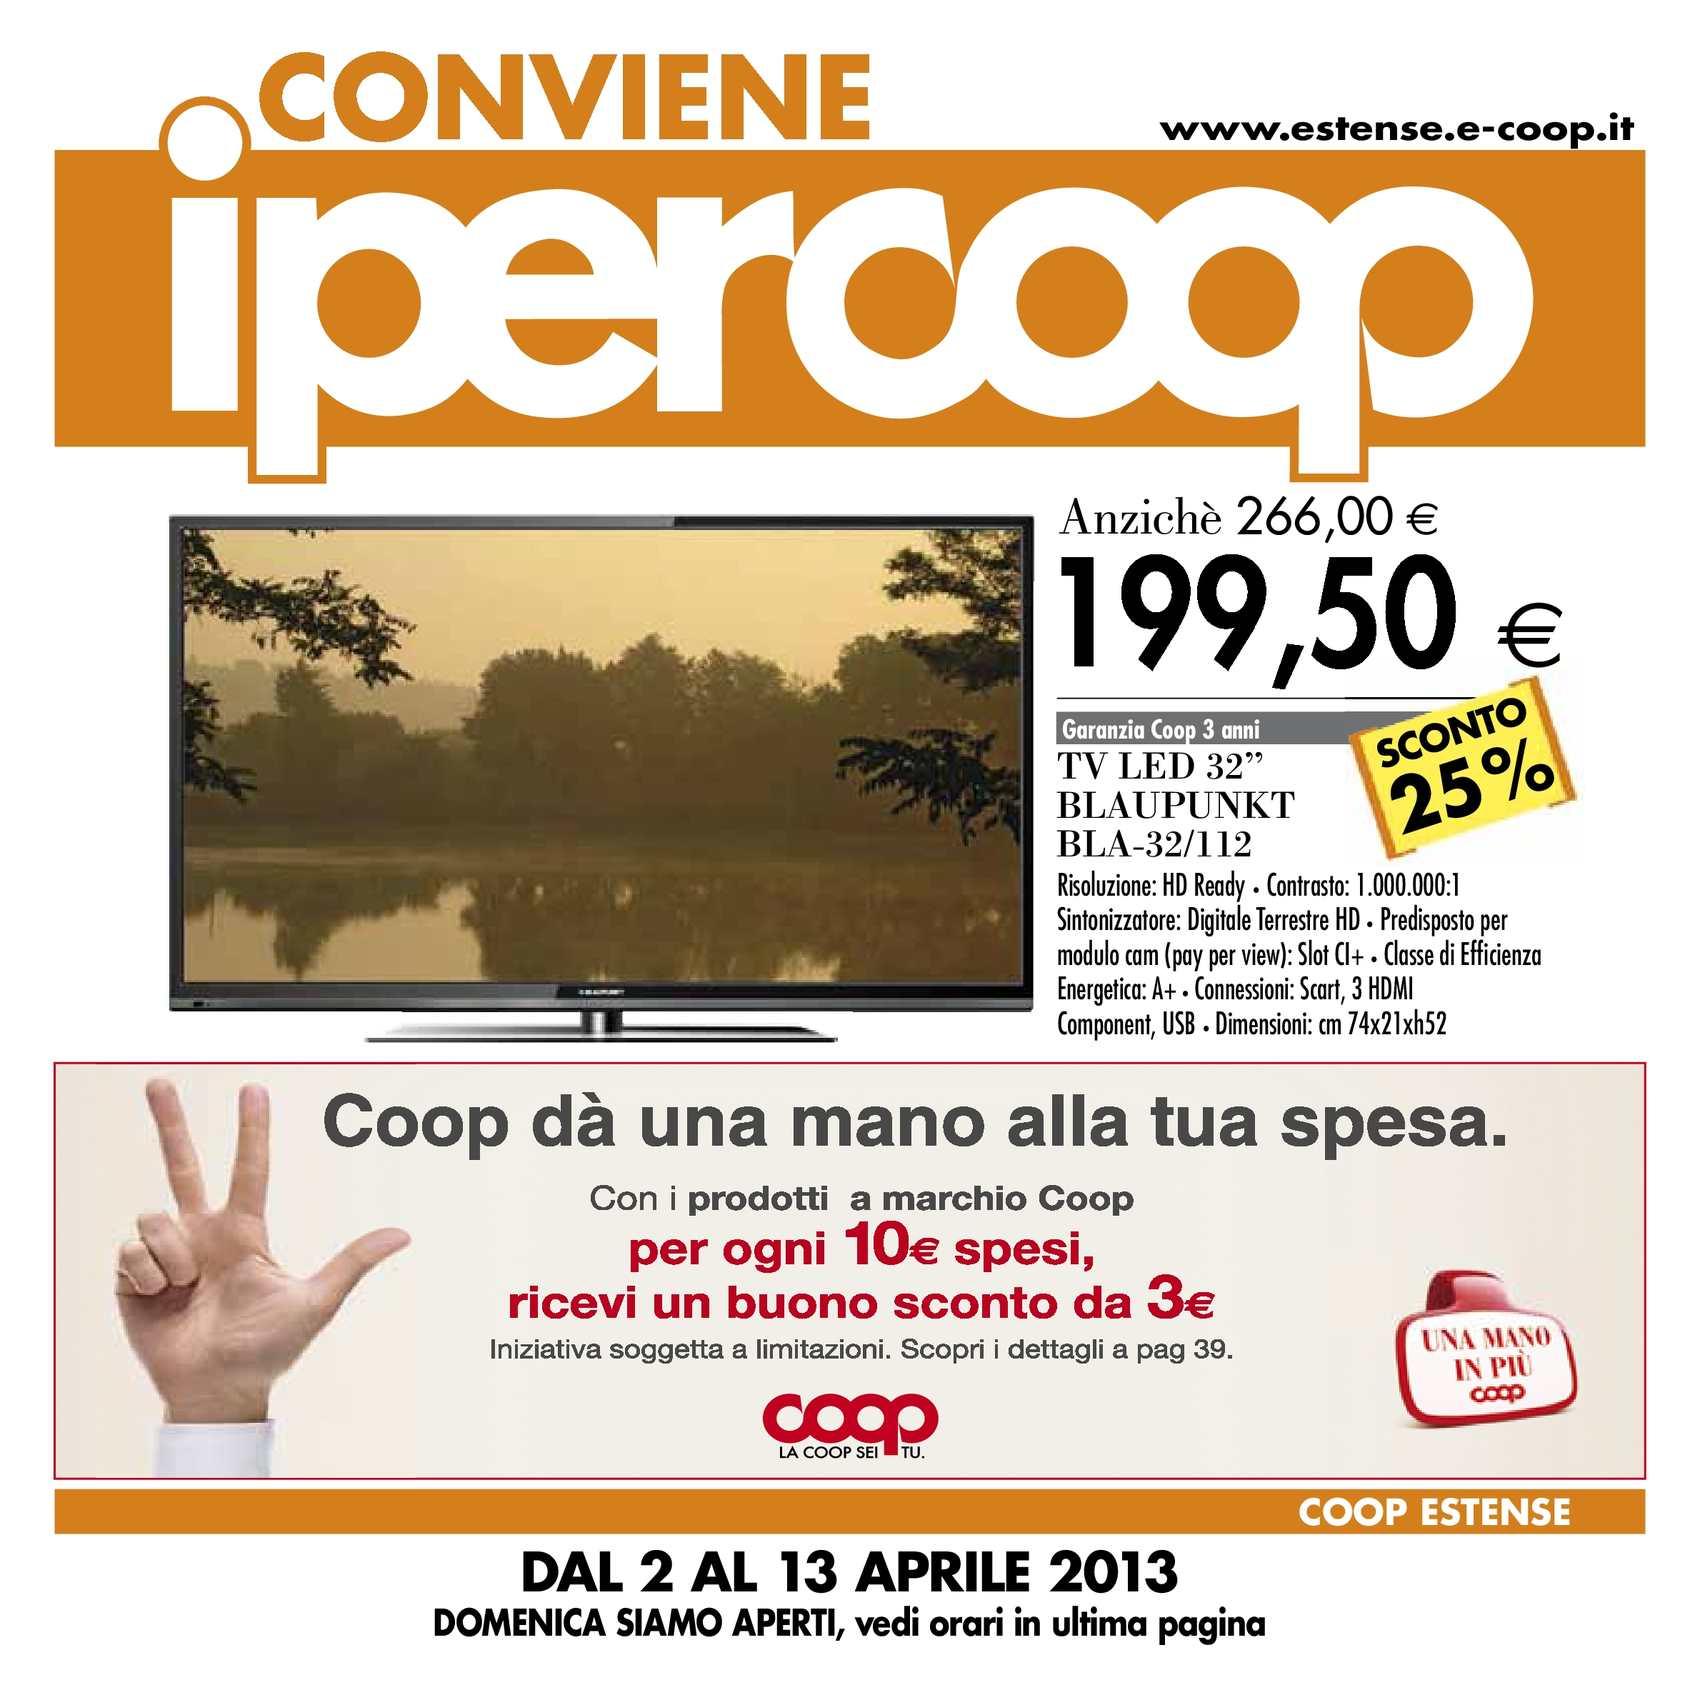 Calaméo - volantino_IPERCOOP_ipercoop-estense-BAT-BA_02-04-1